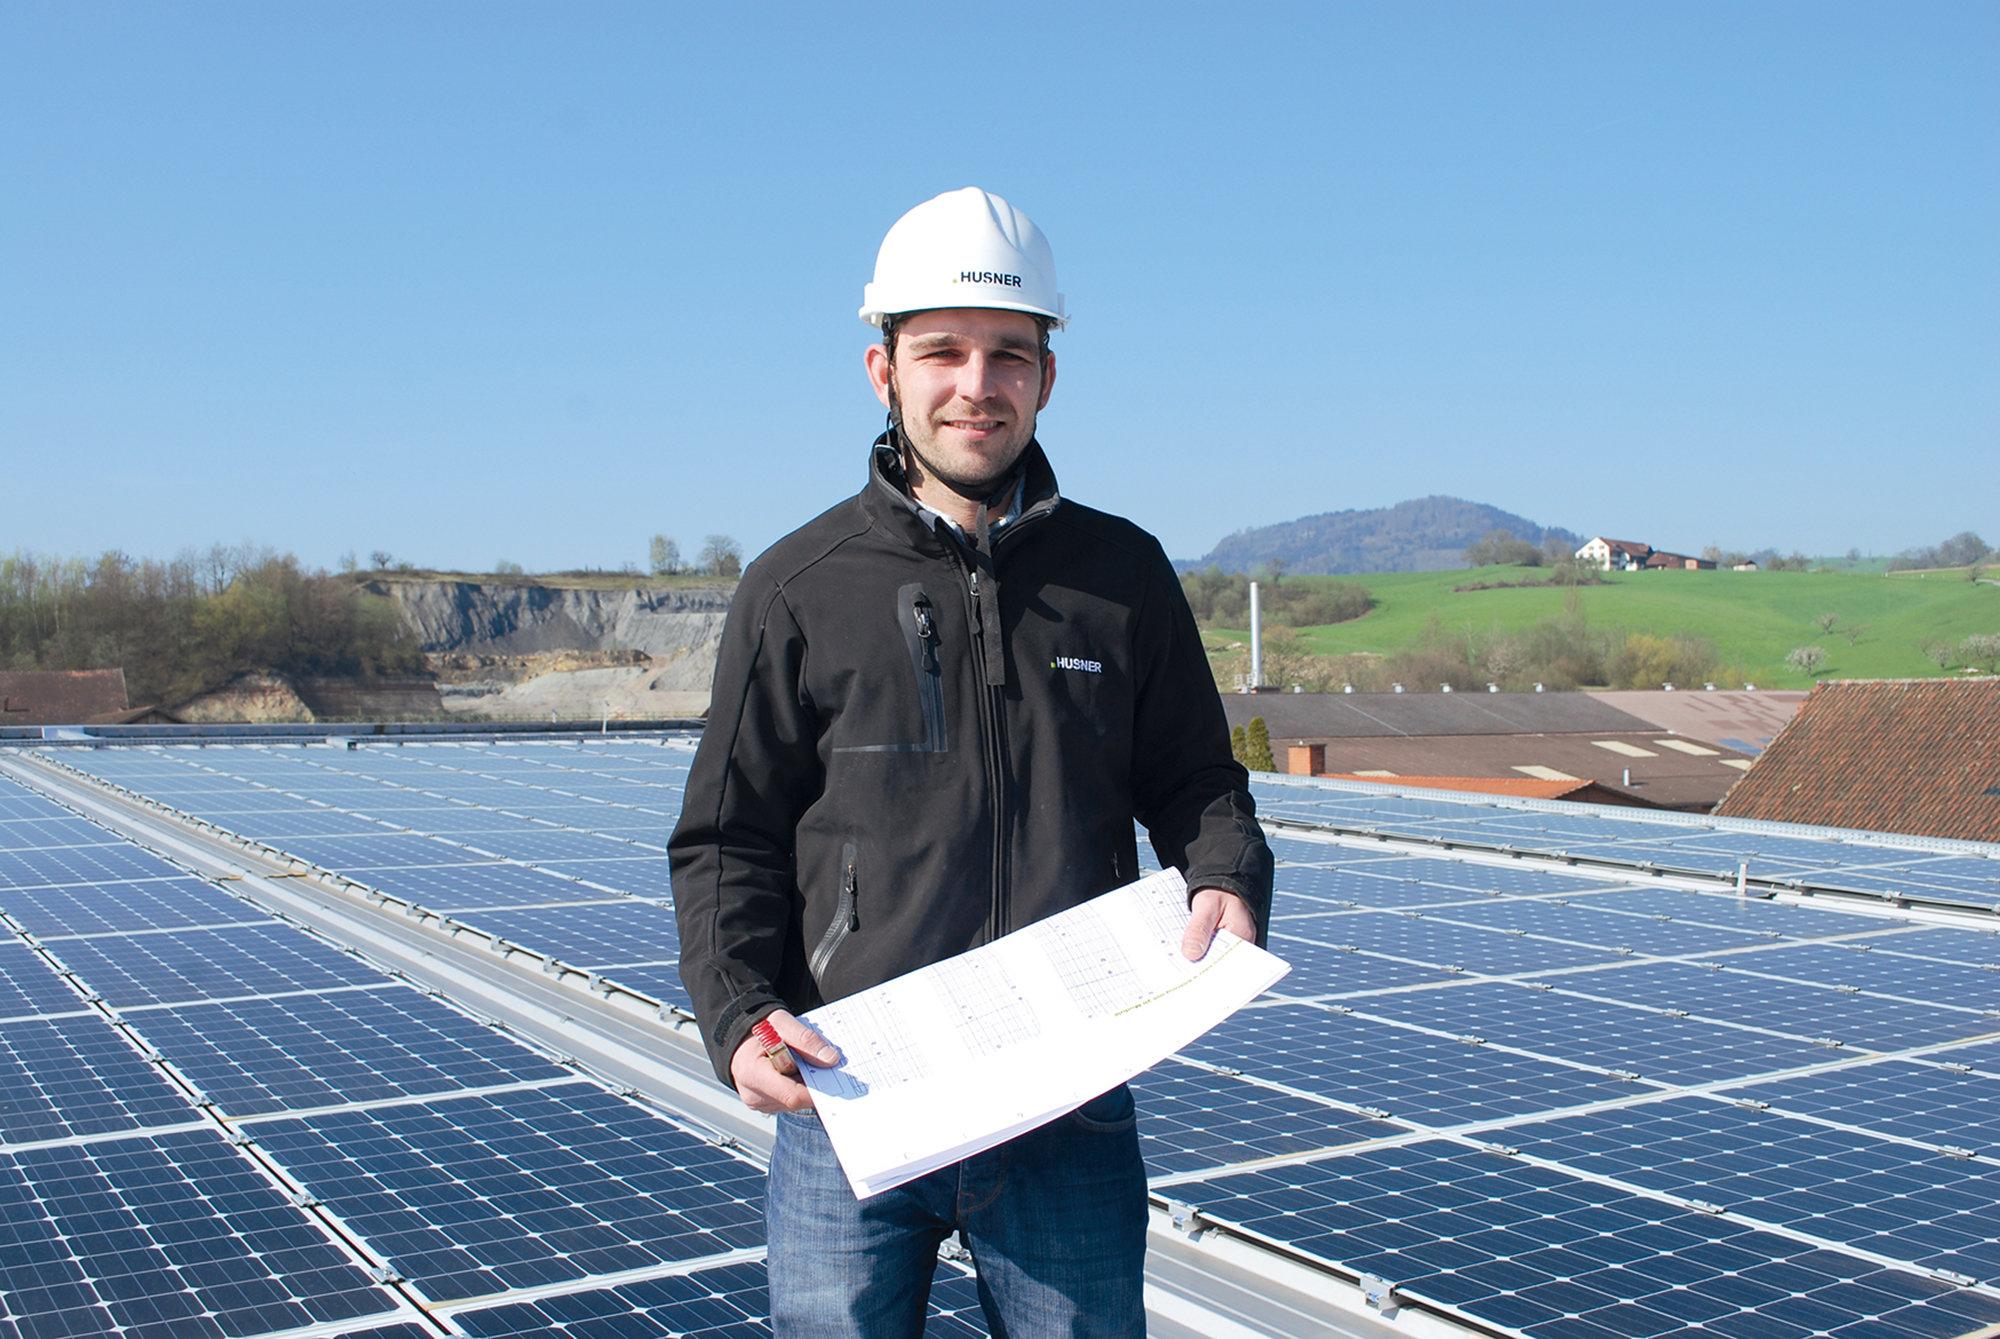 HUSNER Photovoltaik Anlage mit Projektleiter